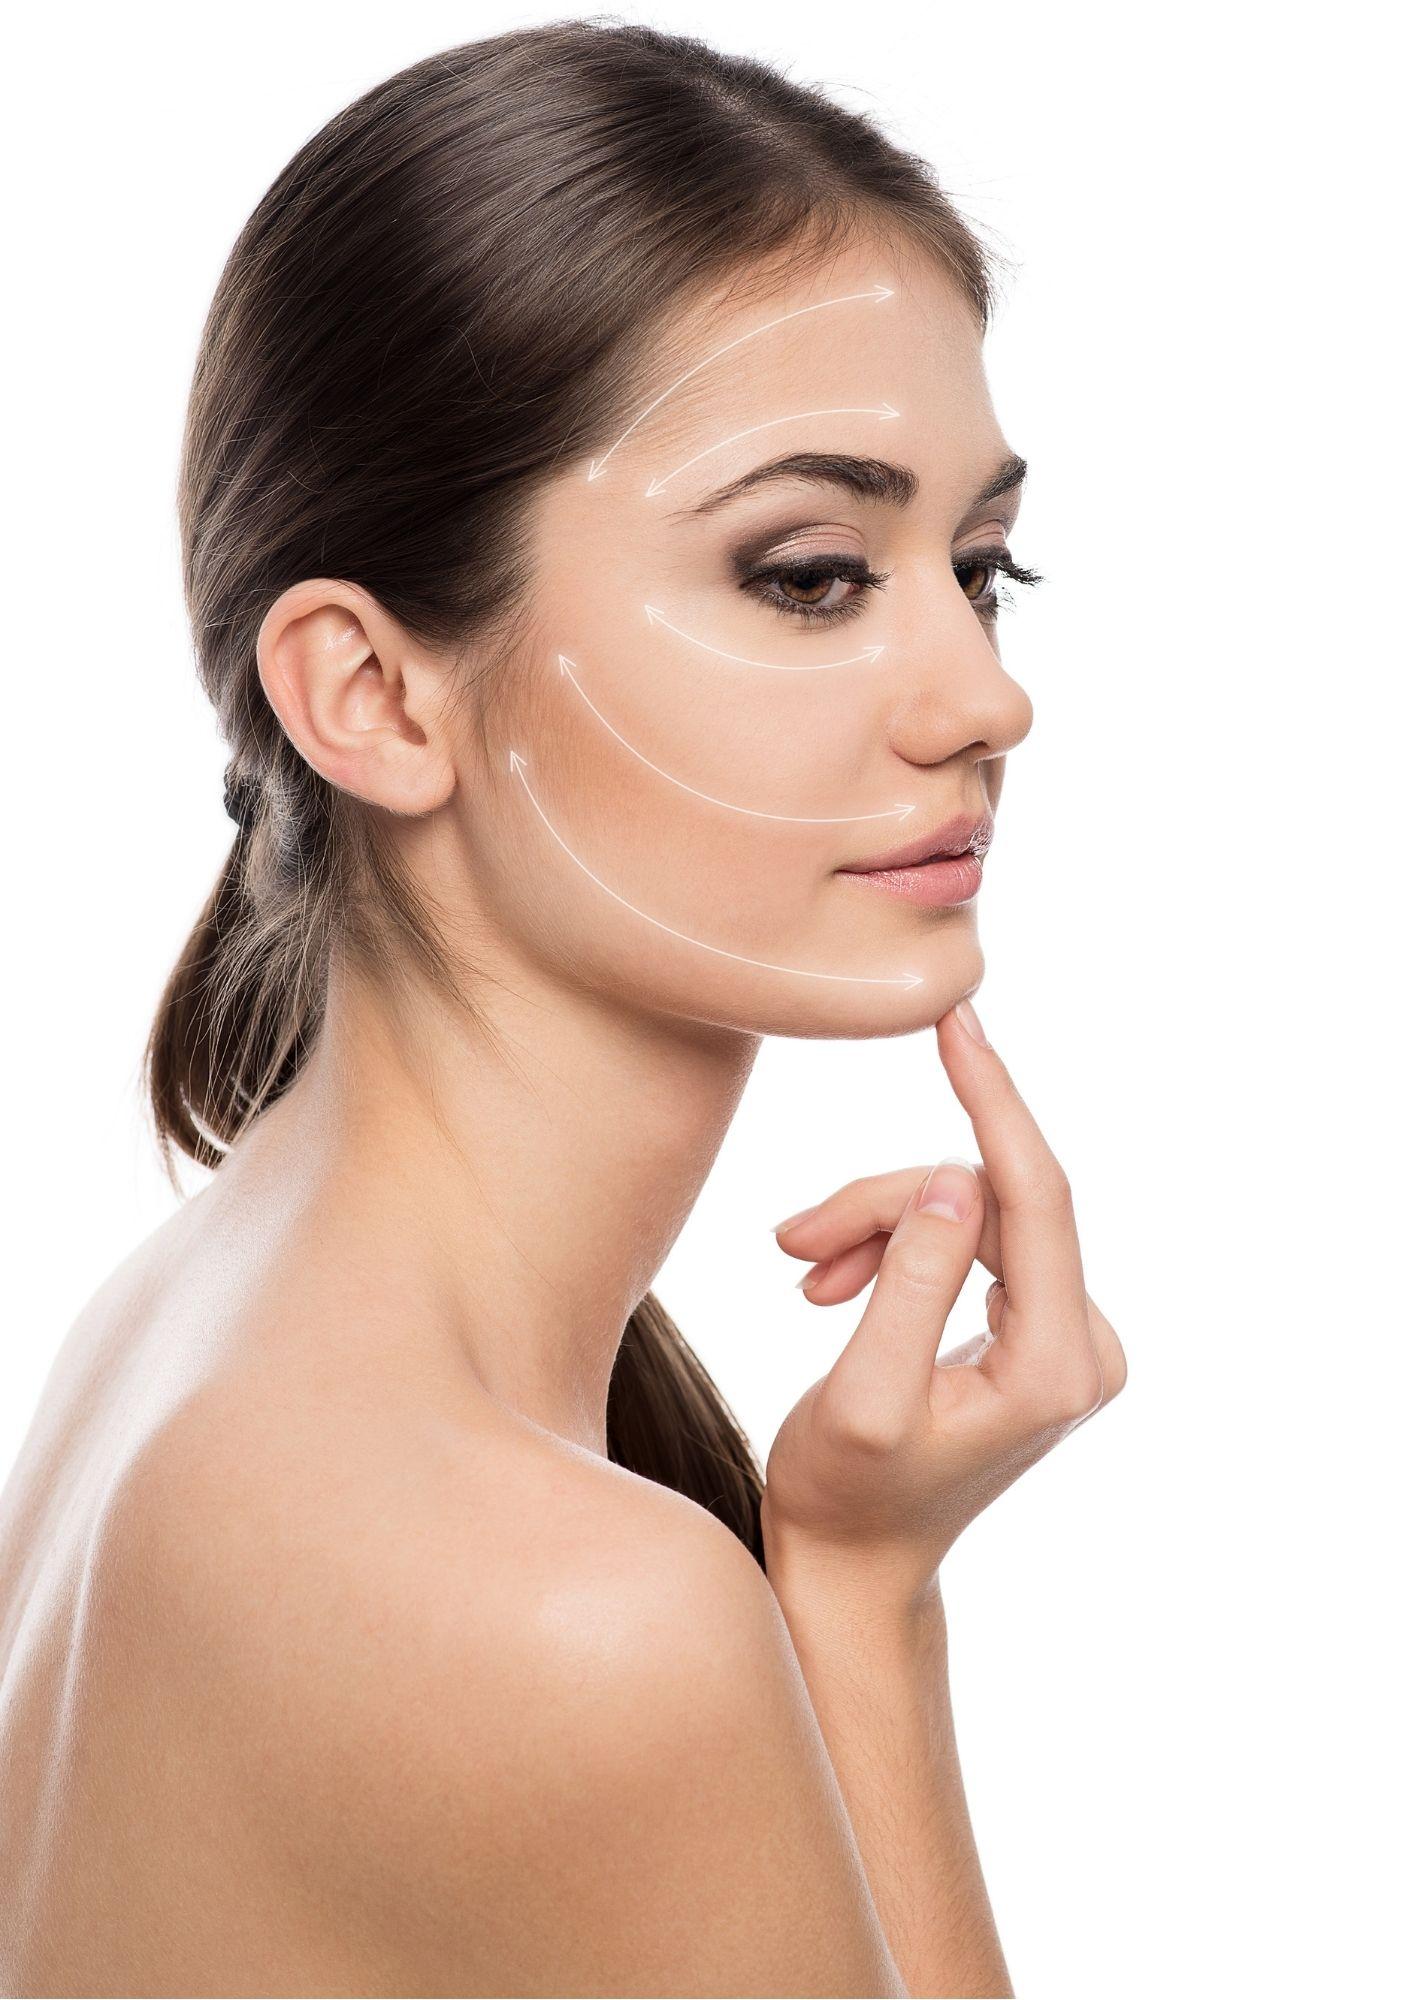 verjonging huid cleyo beauty professional